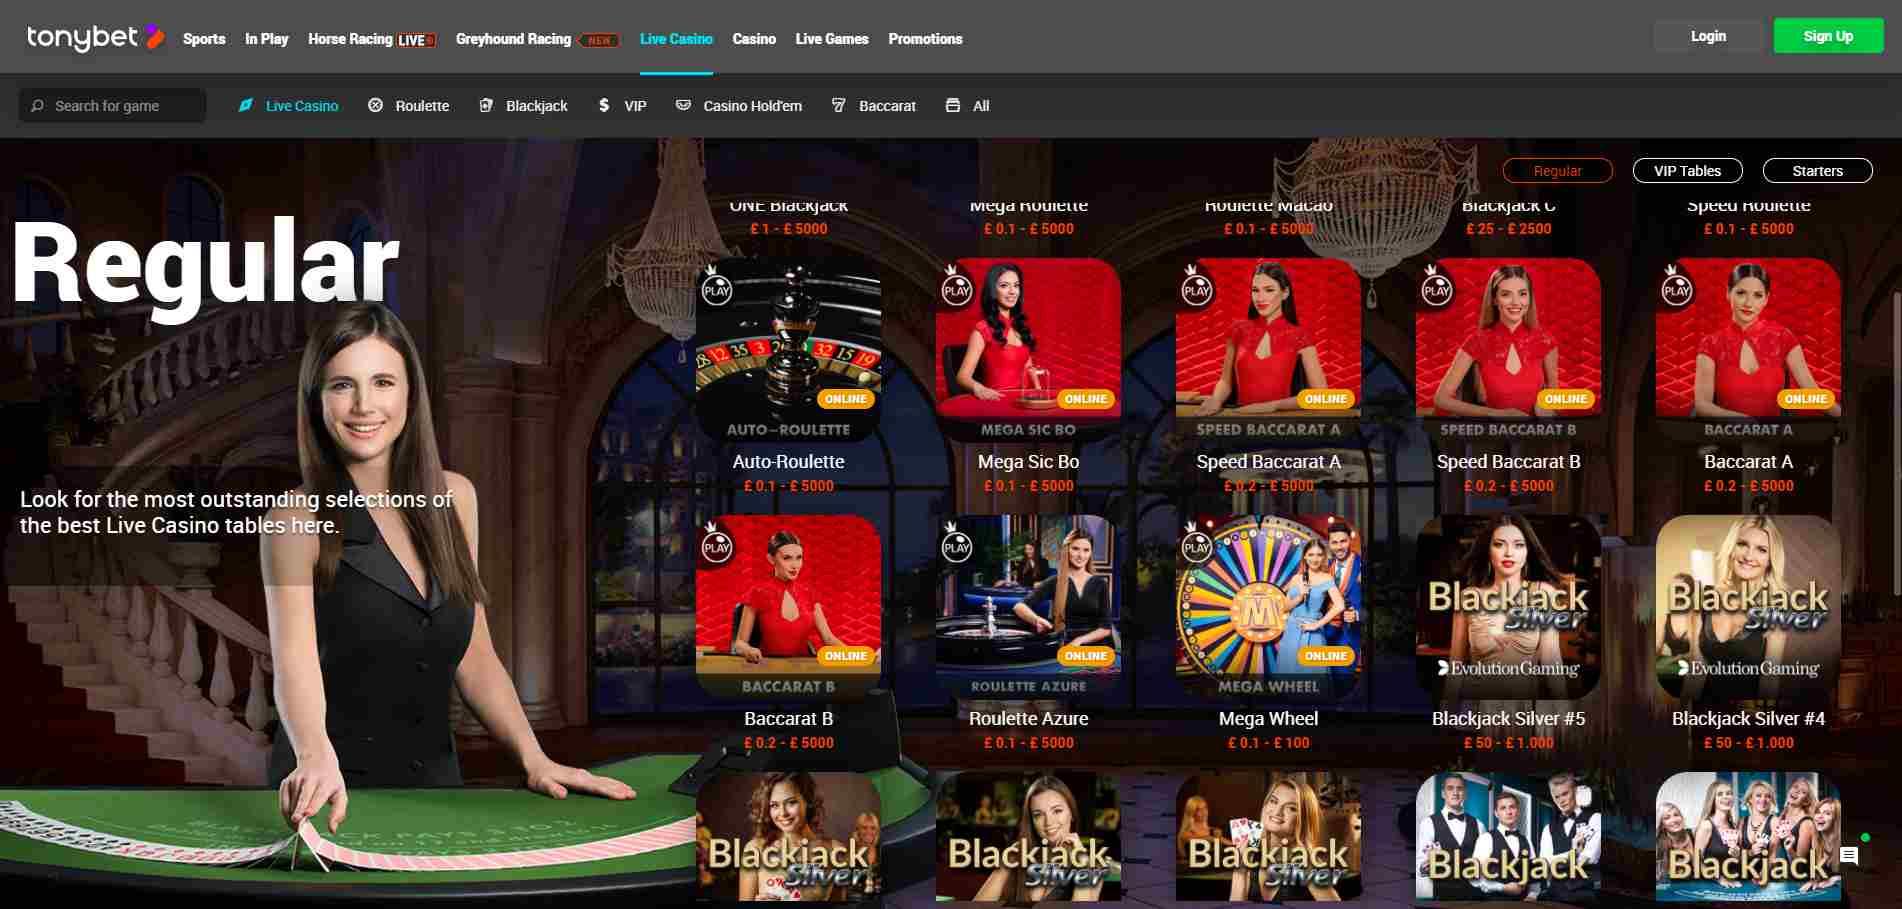 Tony Bet Live Casino